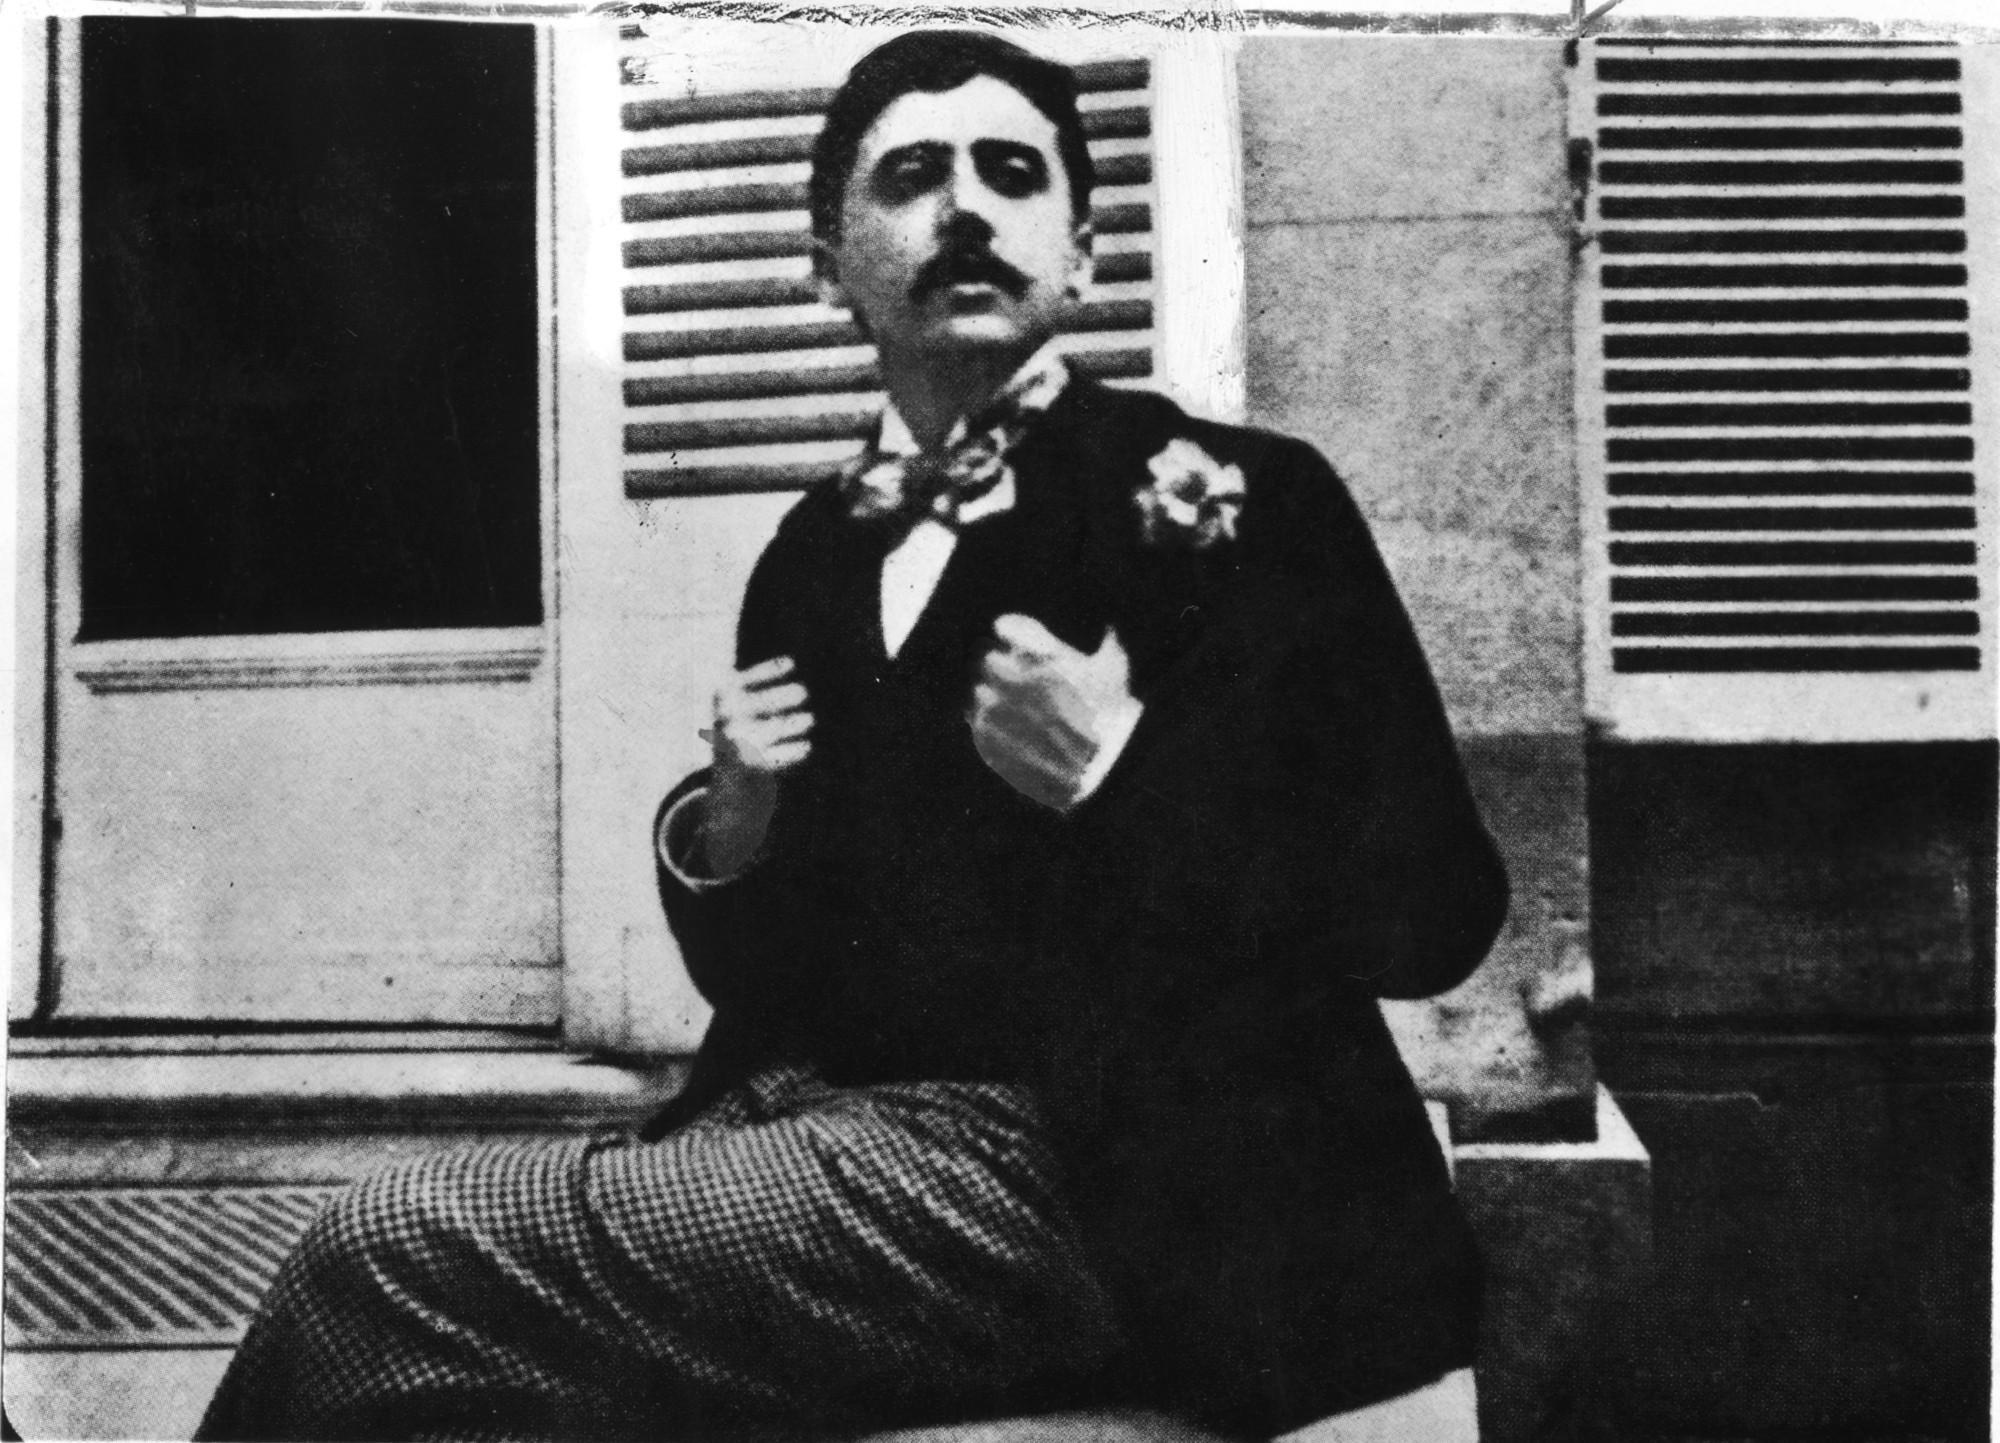 Sigmund freud trauer und melancholie essays